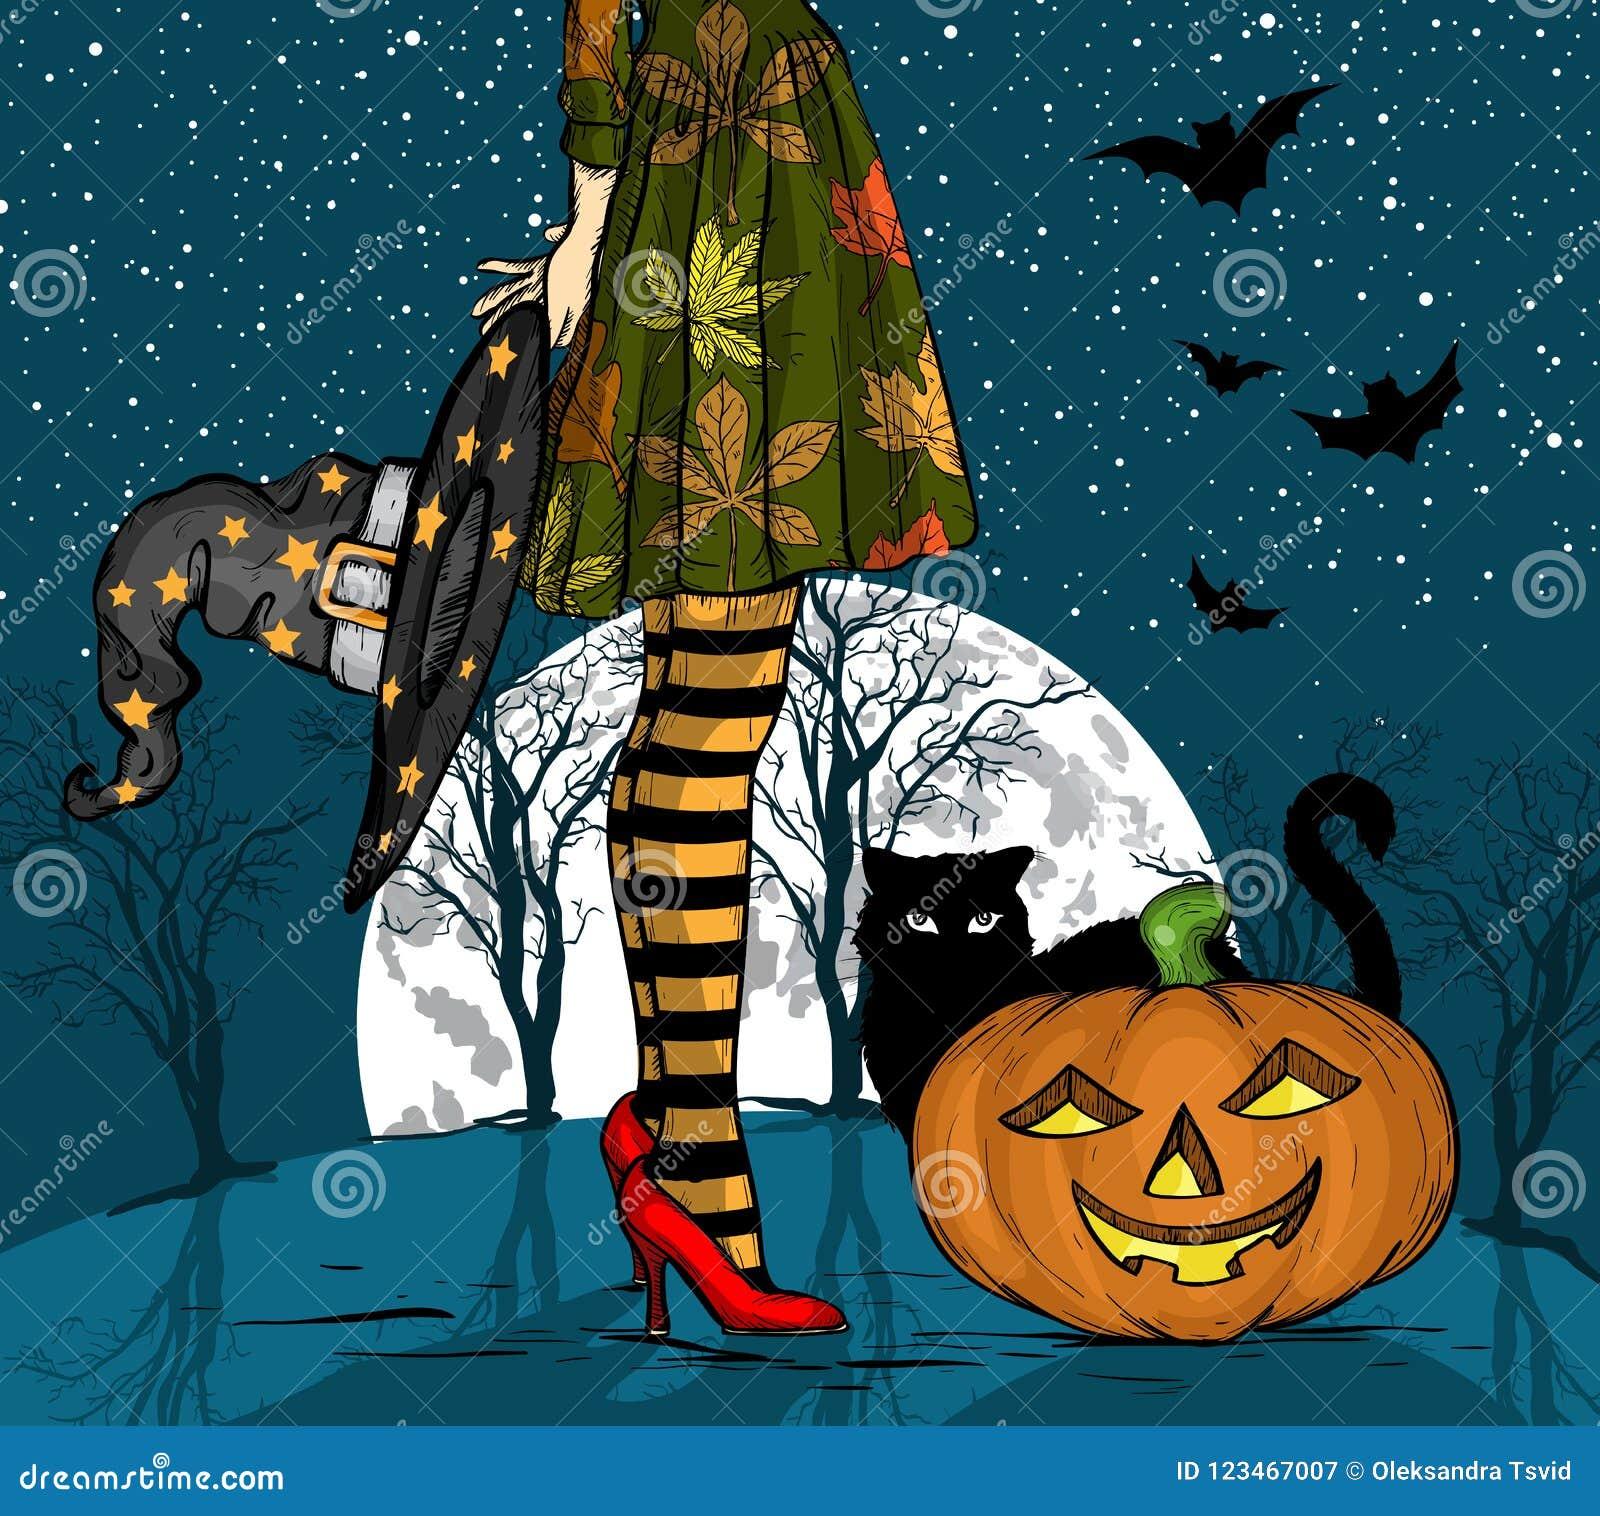 Lätt redigera den halloween bildnatten till vektorn Häxa med trollkarlhatten i handen, den svarta katten och pumpa, stor måne på